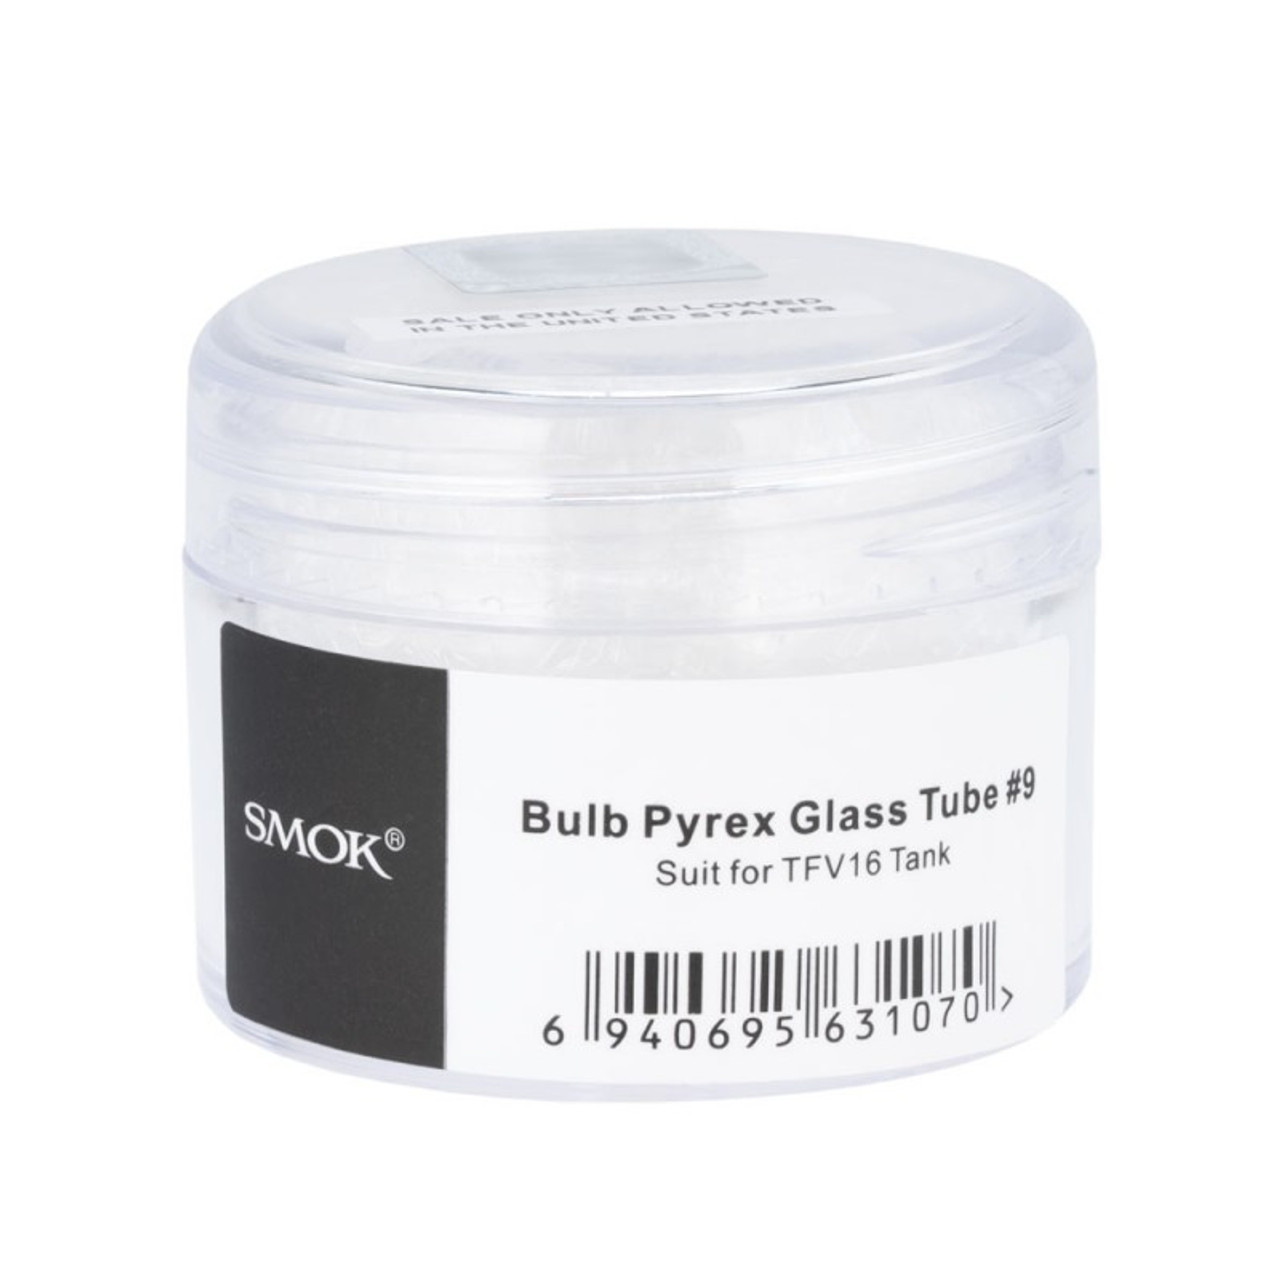 Smok TFV18 Glass Tank Replacement